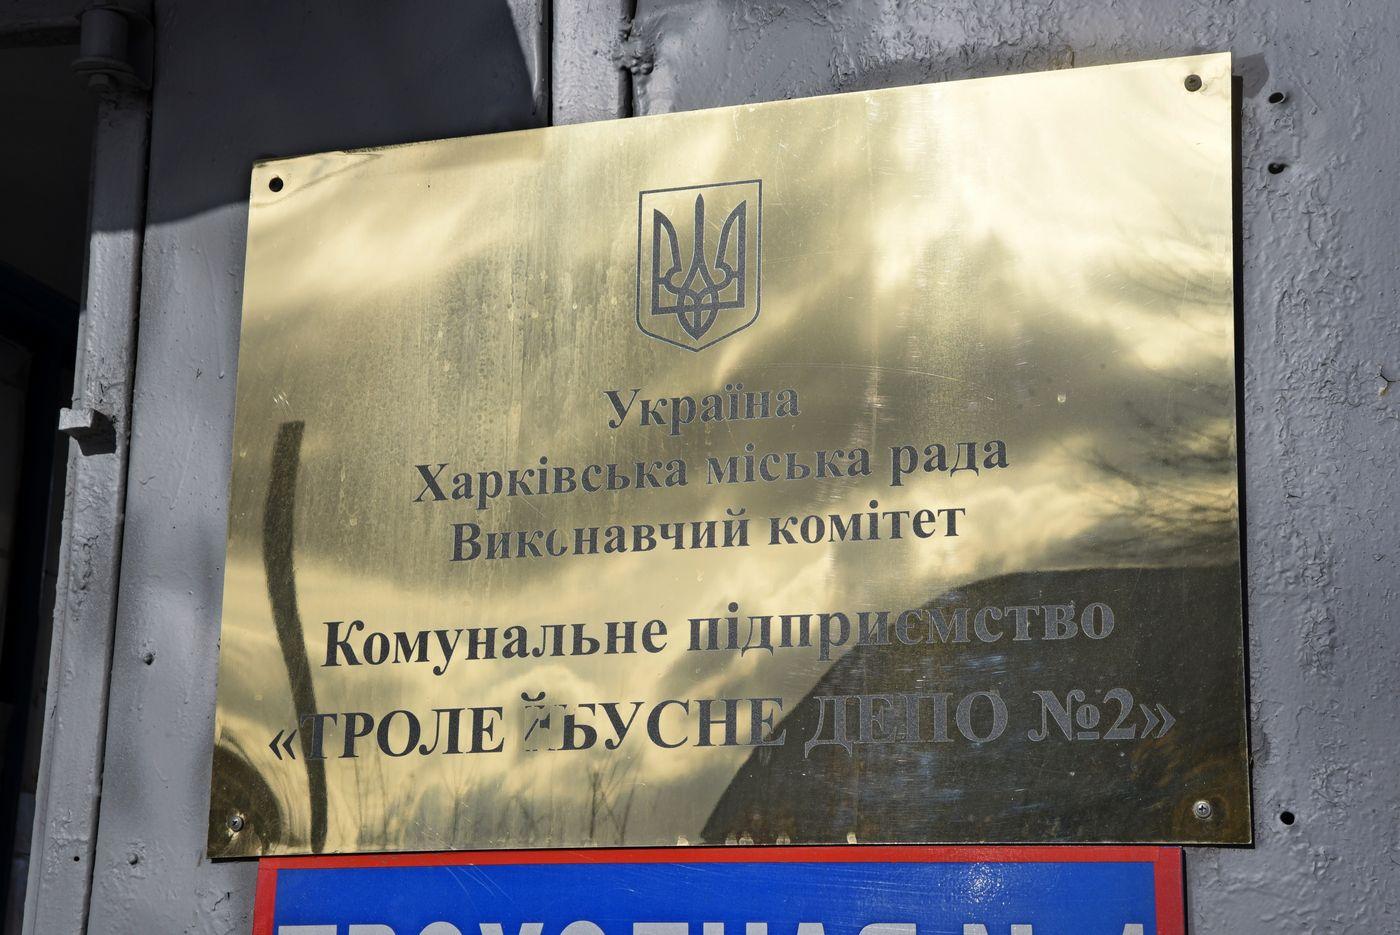 Підприємства міськелектротранспорту Харкова успішно пройшли аудит ЄБРР